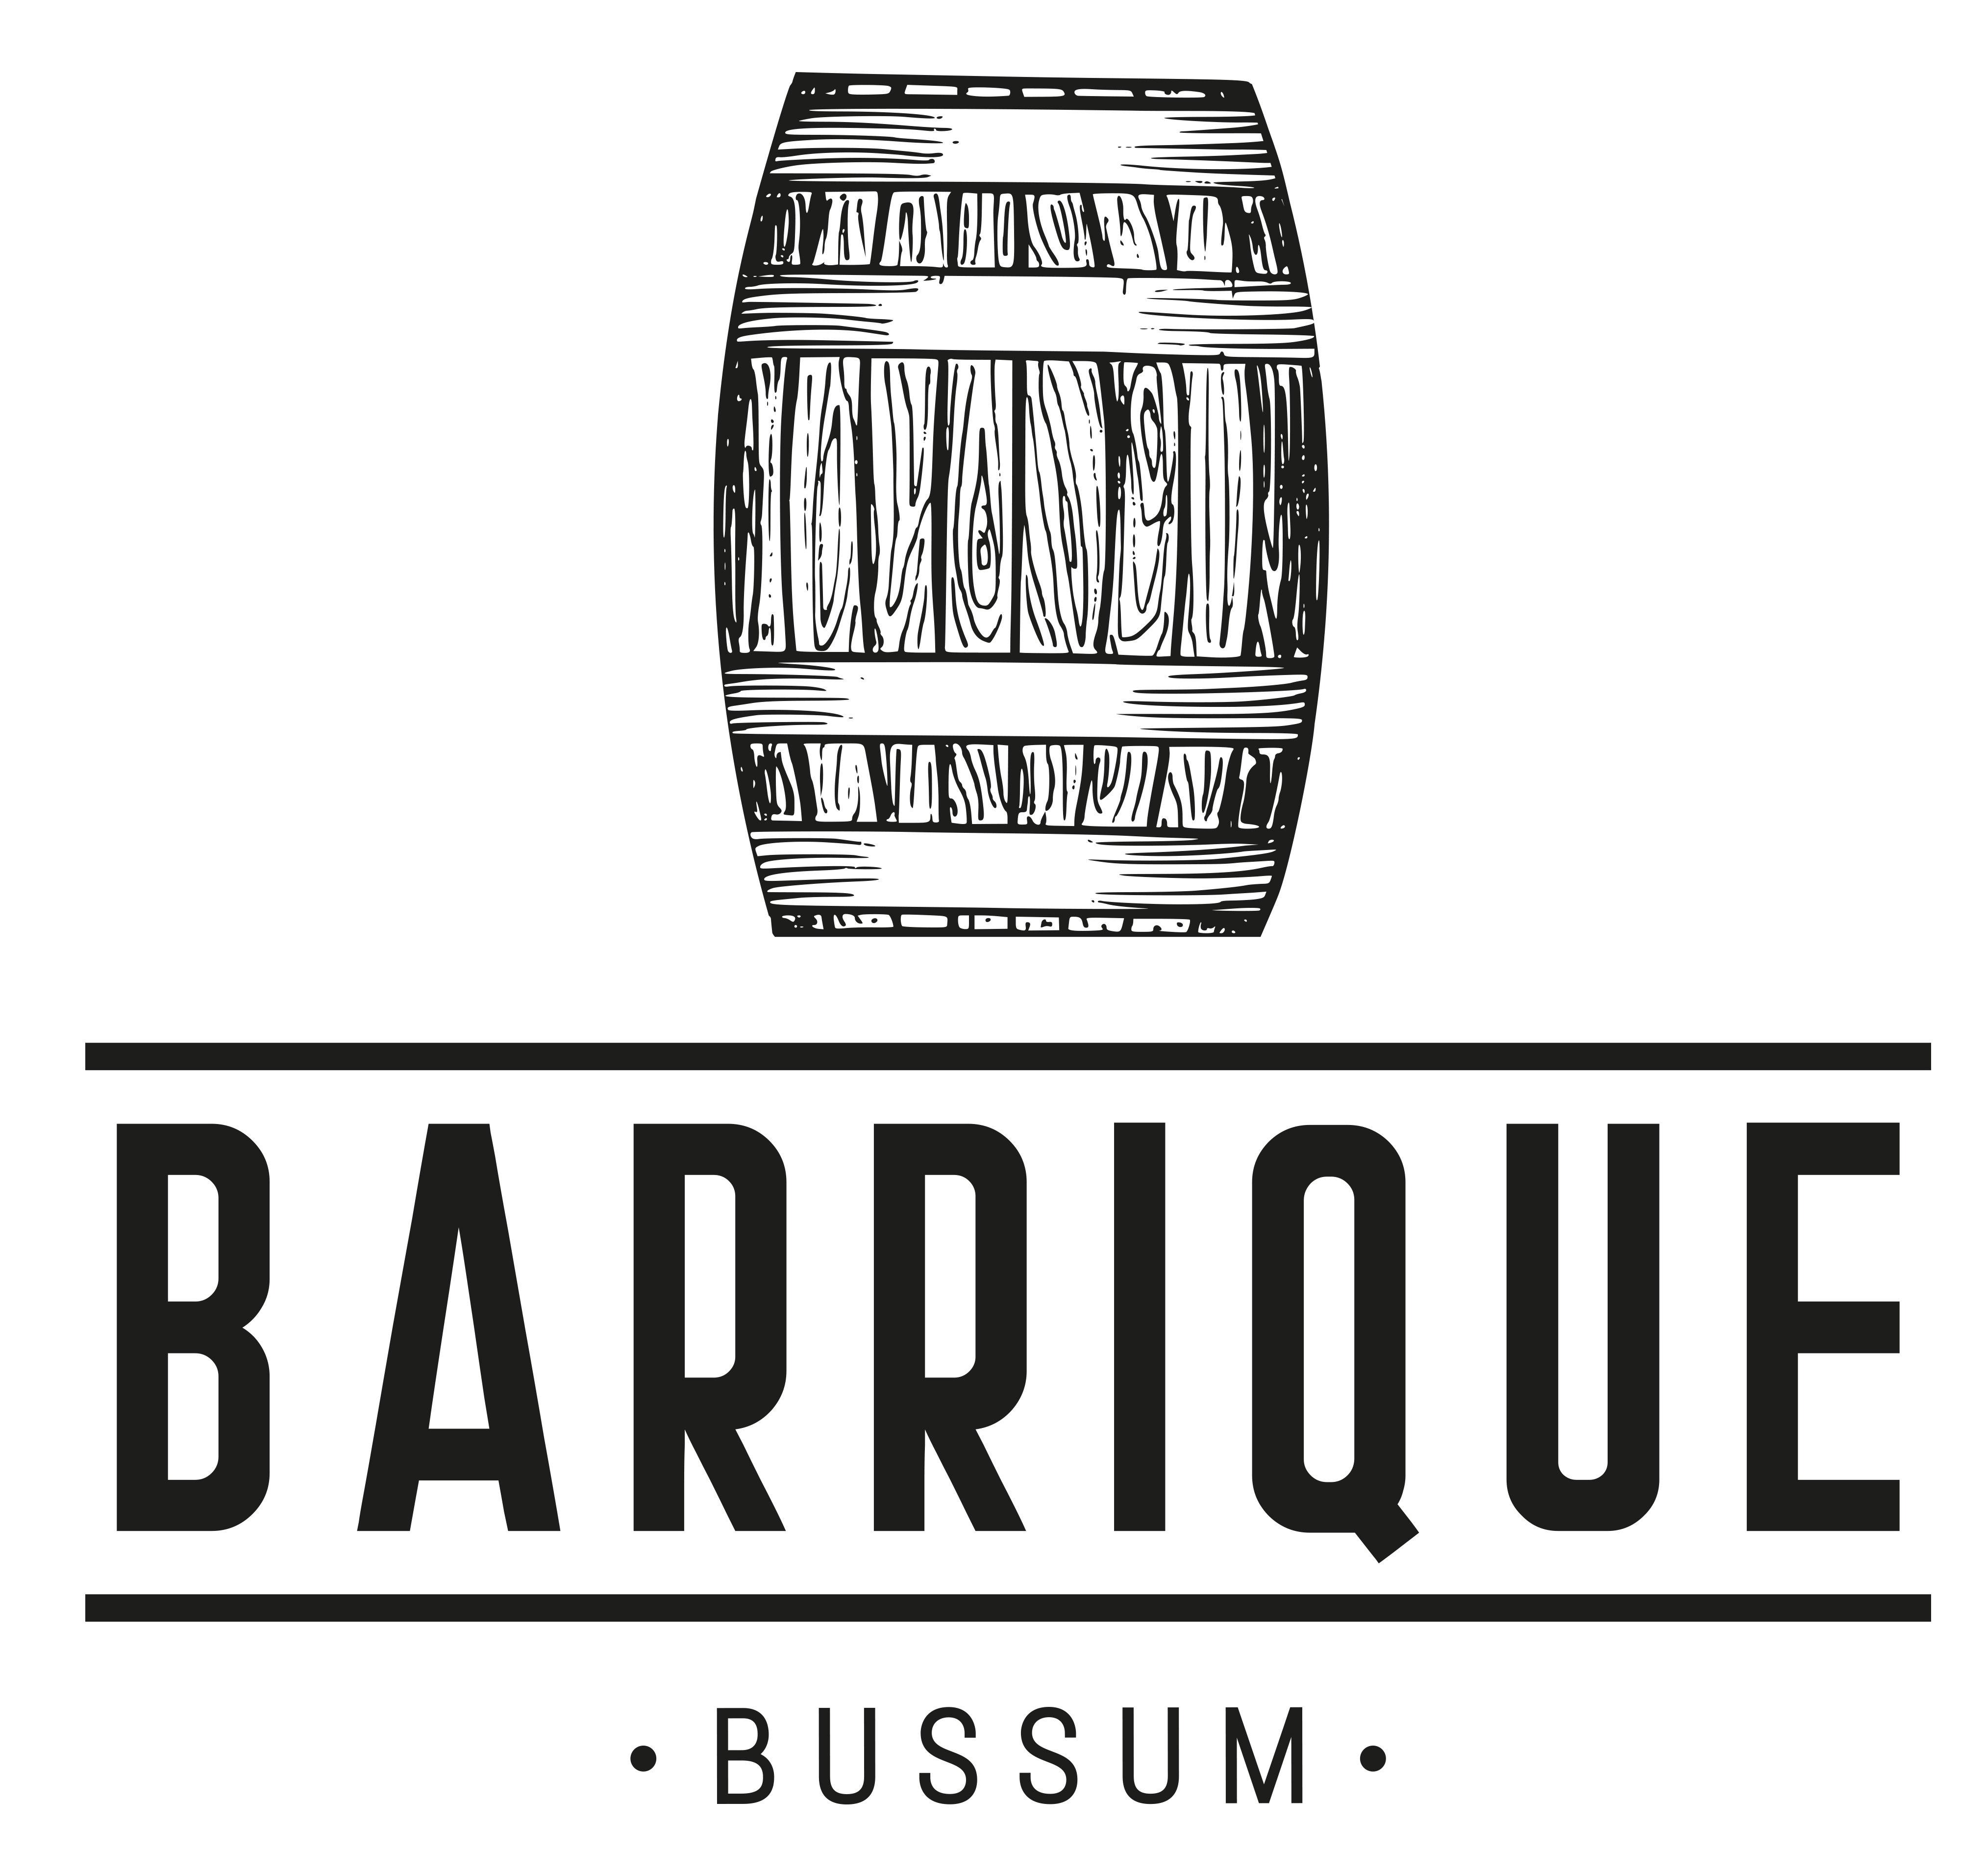 Barrique Bussum